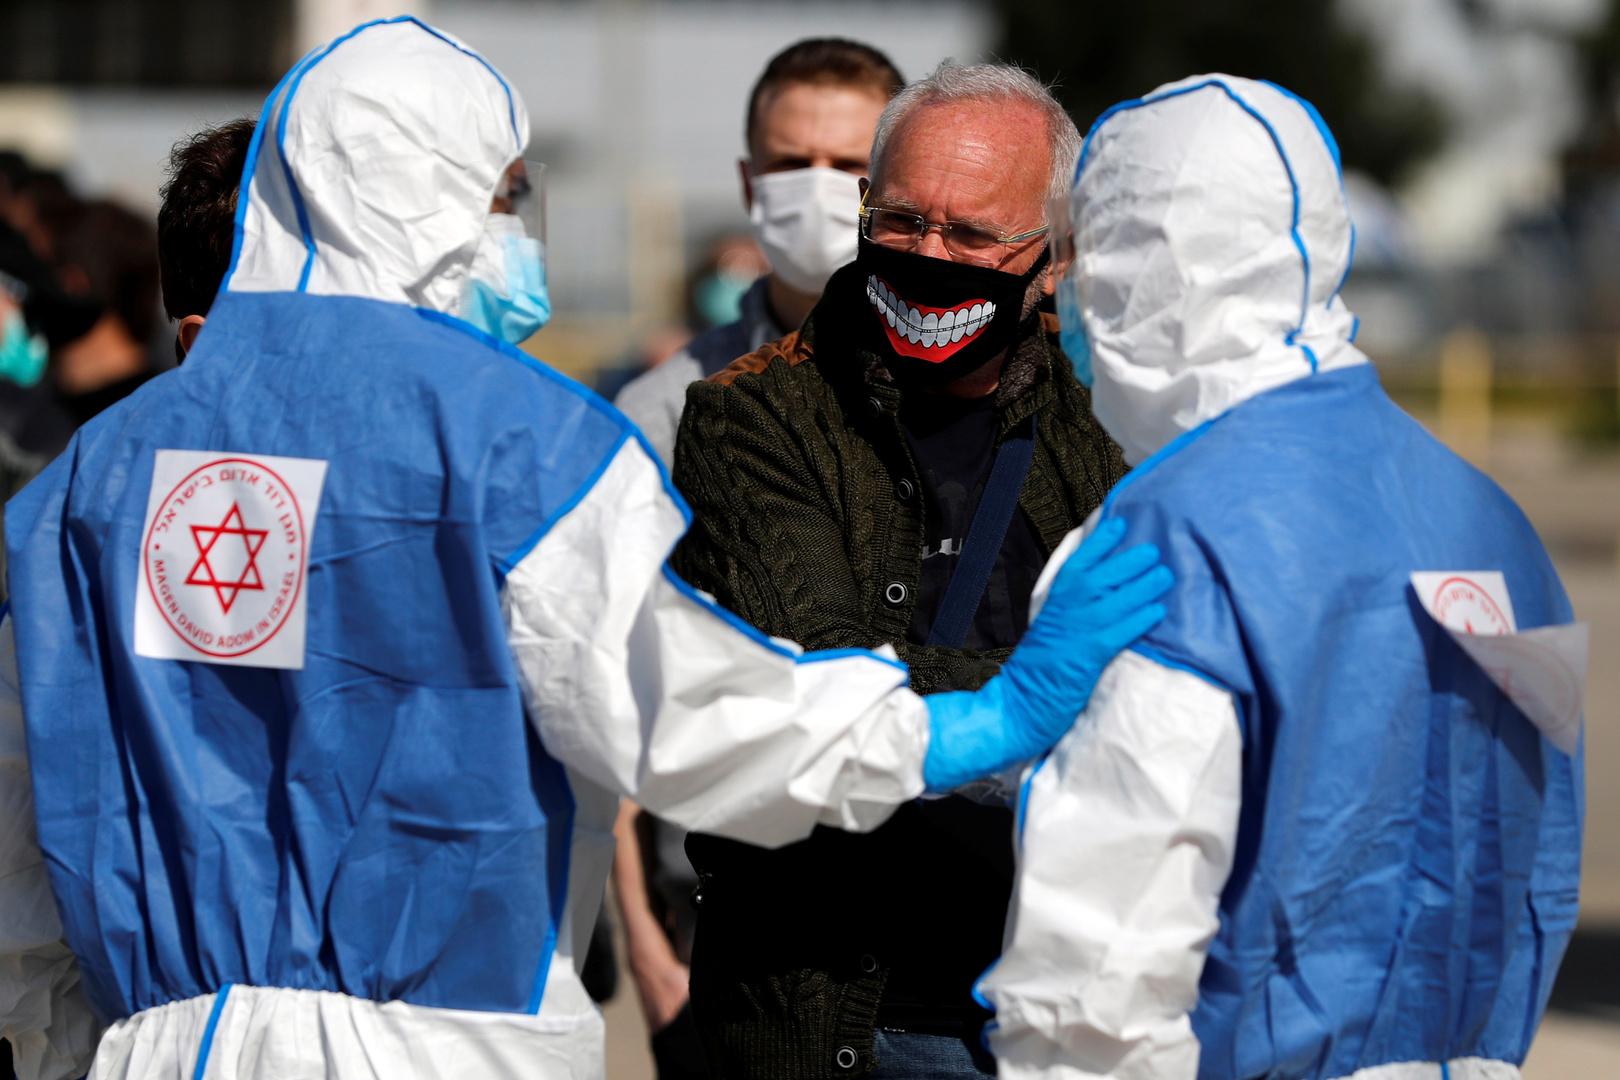 إسرائيل.. عدد المصابين بكورونا يبلغ 154 شخصا والآلاف قيد الحجر الصحي